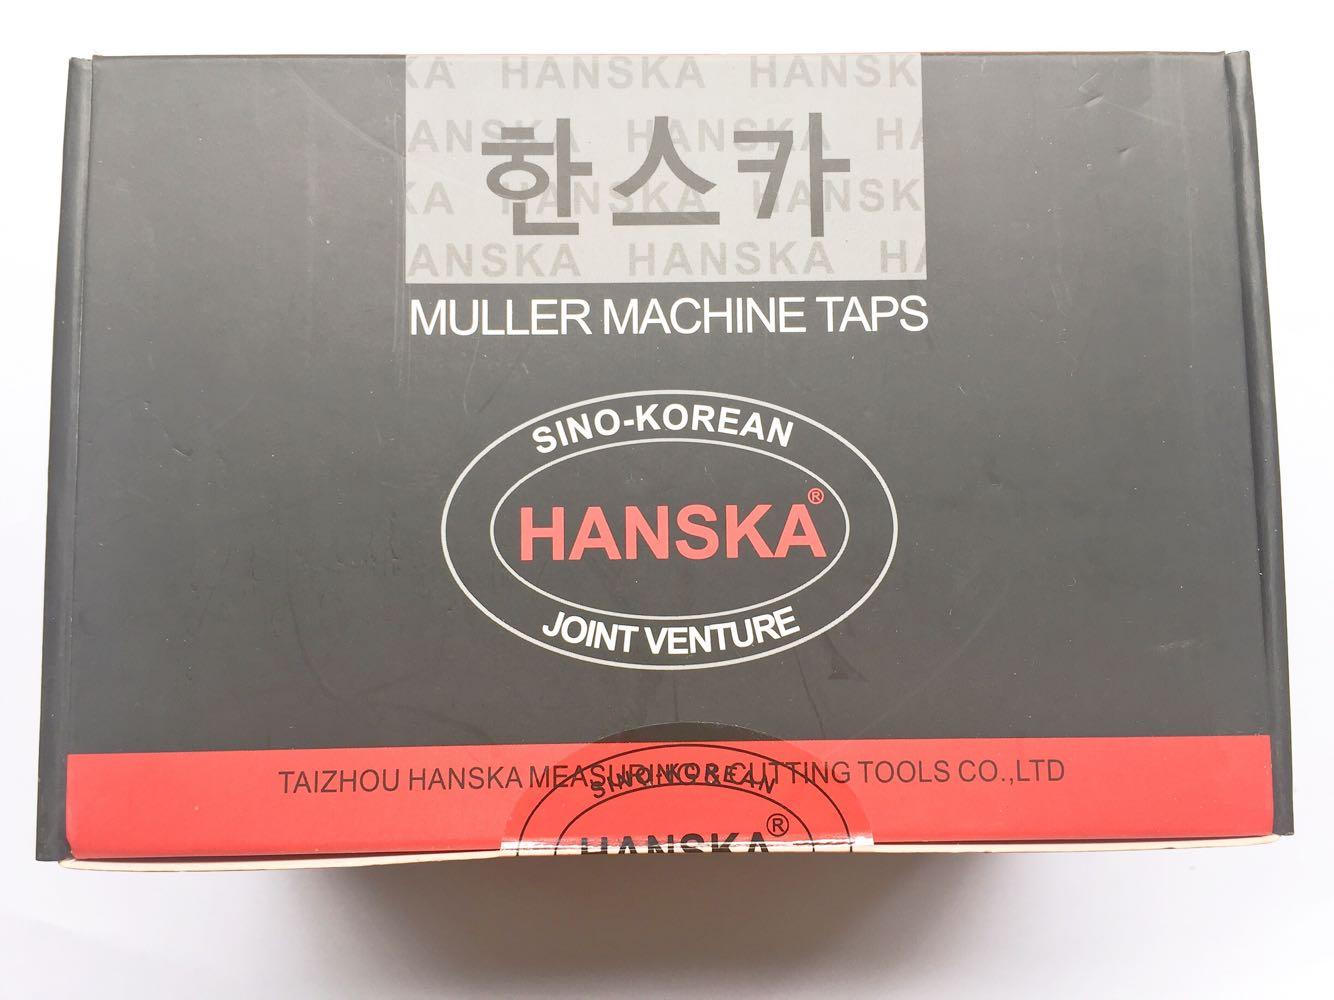 中韓の合弁HANSKAハンス-用糸攻螺旋タップM 3 /よんしよ/ご/ろく/はち/じゅう/じゅうに/じゅうよん/じゅうろく